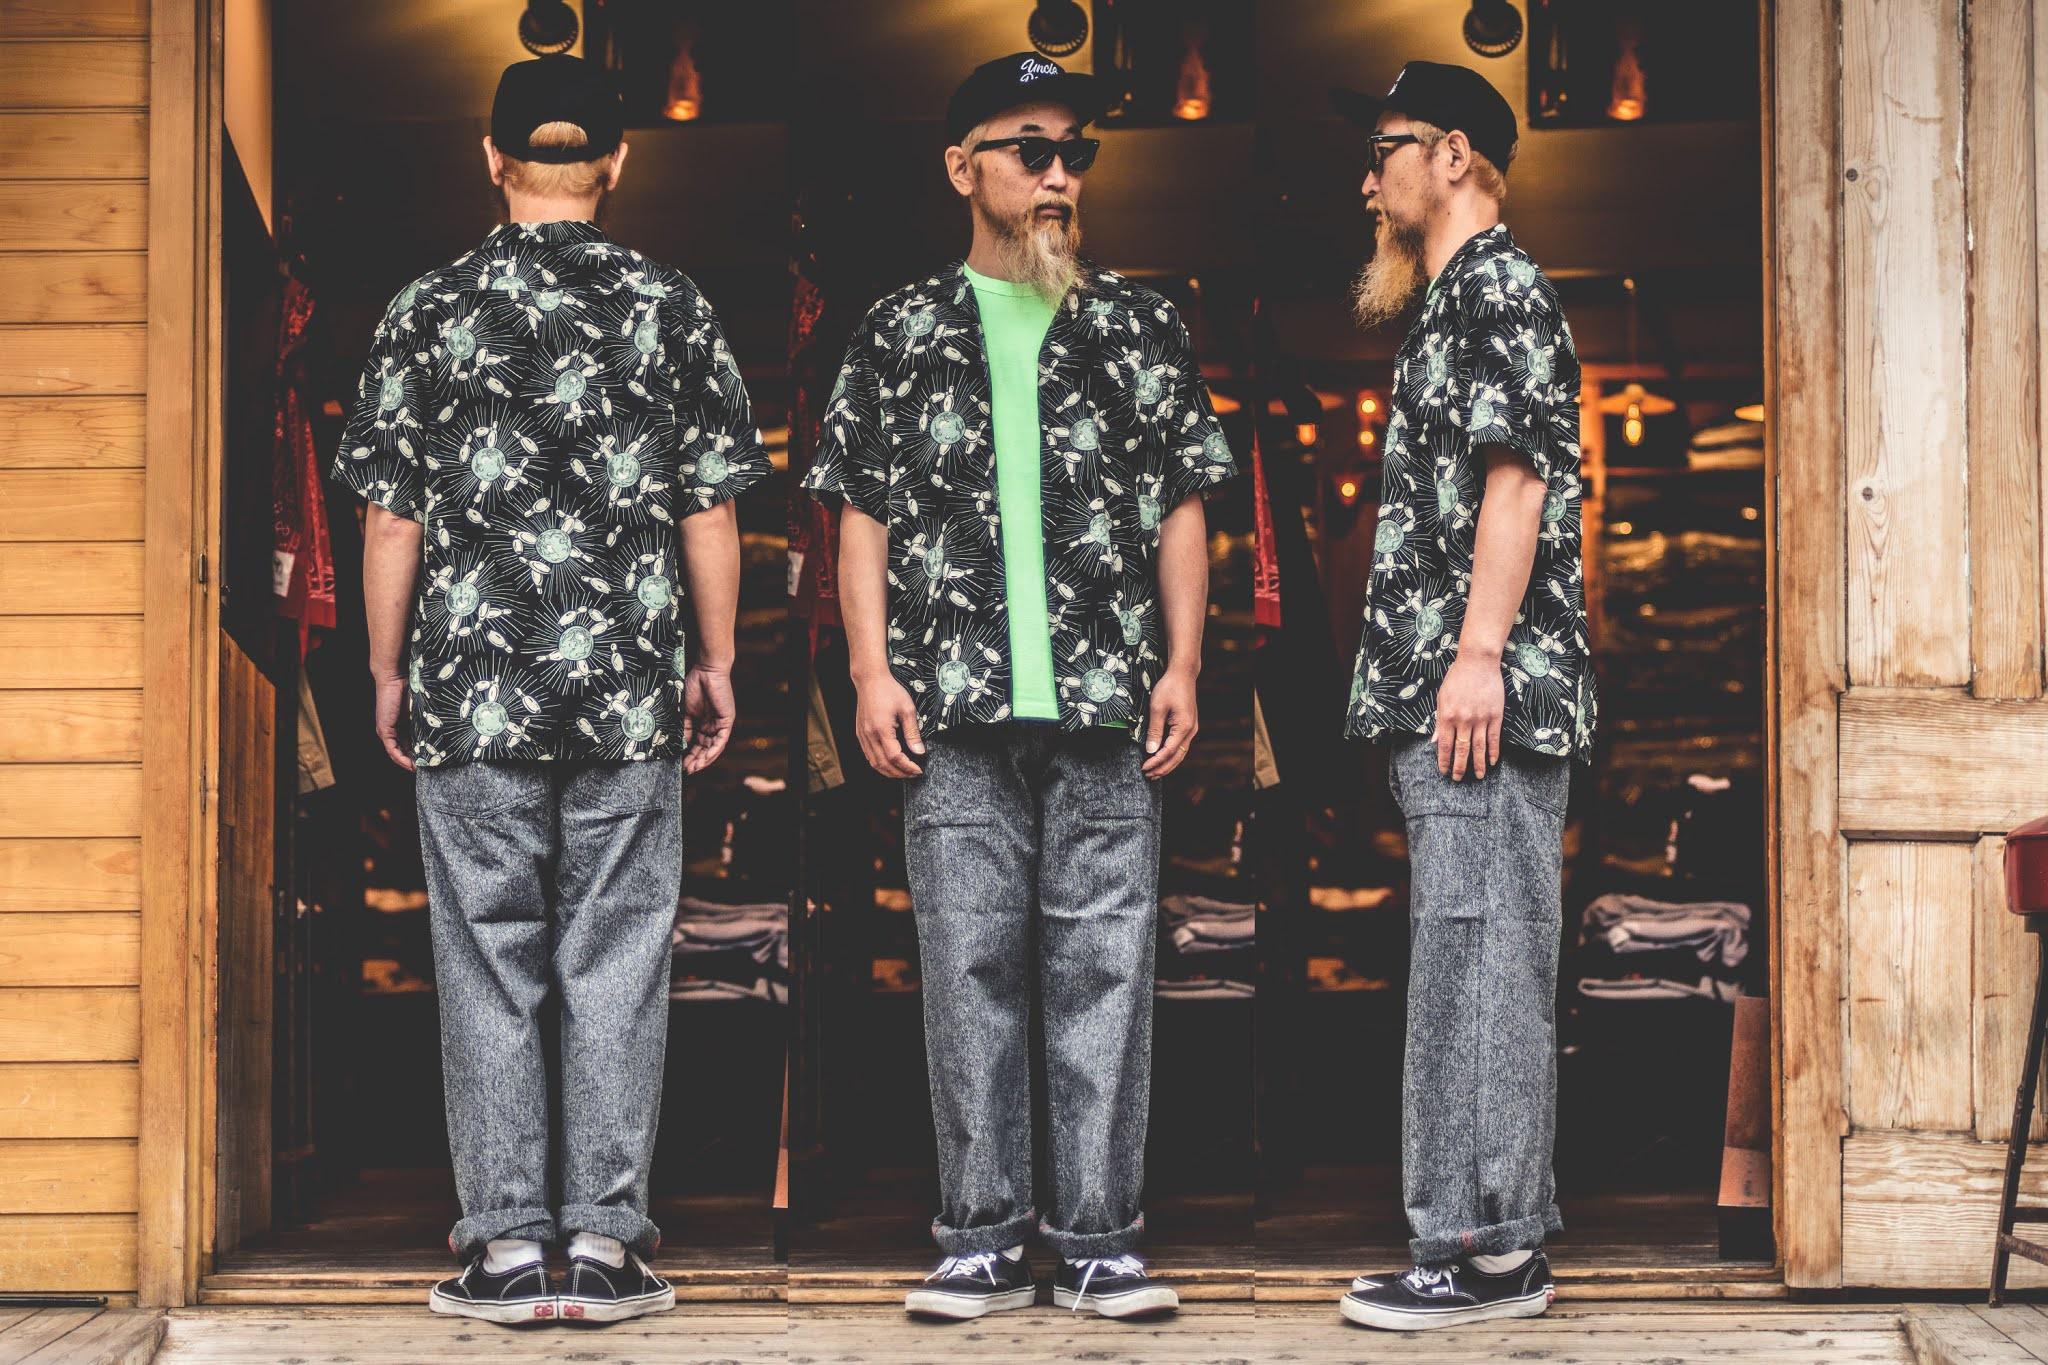 スターオブハリウッド ボーリングシャツ アロハシャツ オープンカラーシャツ フィフティーズシャツ